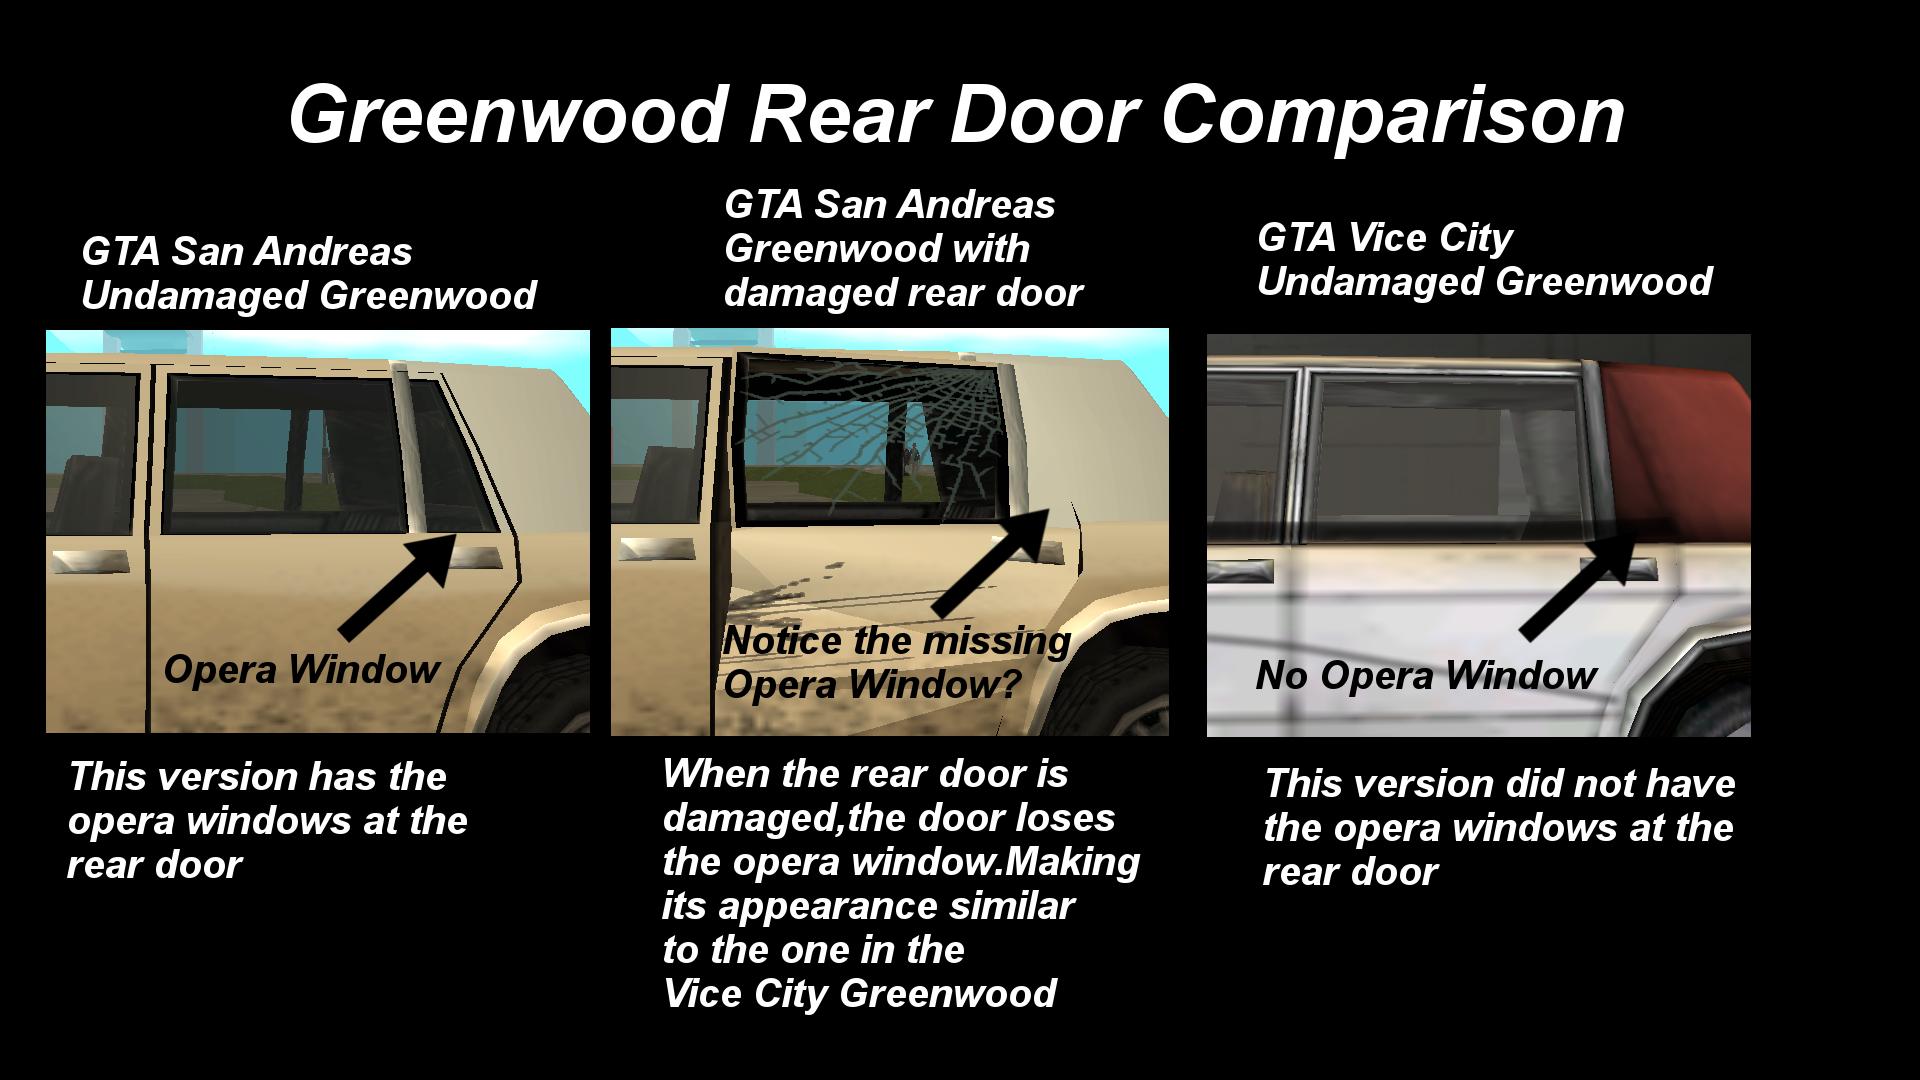 image gtasa greenwood door comparioson png gta wiki fandom